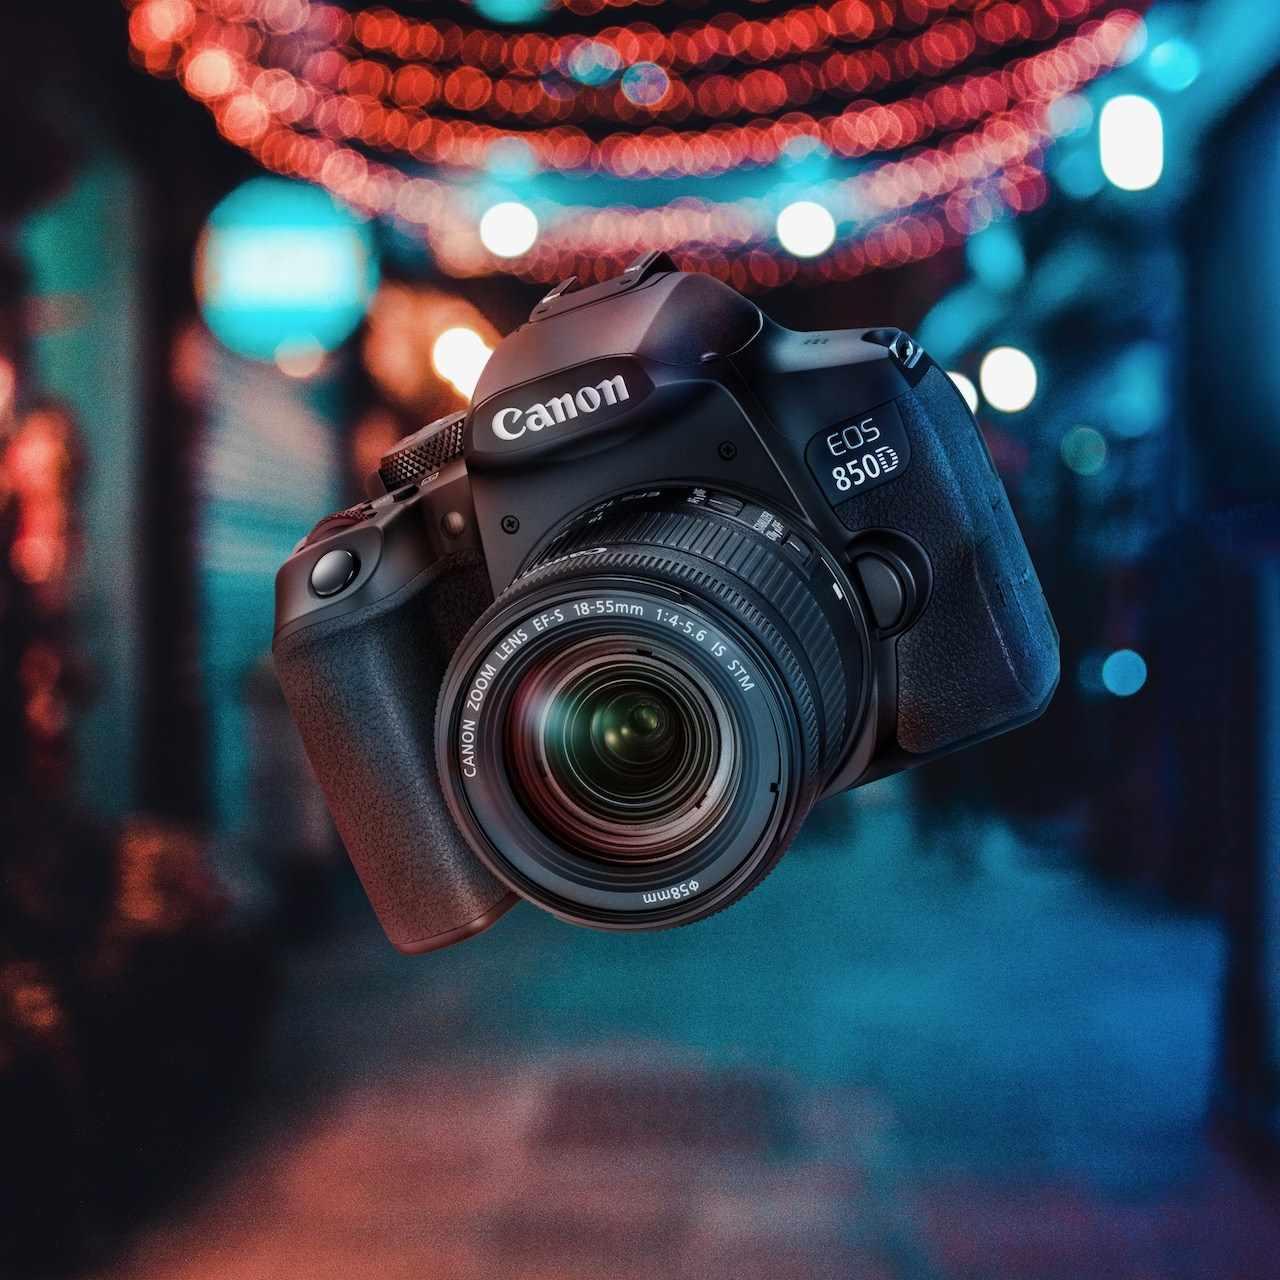 Canon EOS 850D ra mắt tại Việt Nam: lấy nét theo mắt Eye AF, hỗ trợ quay video dọc dạng TikTok, giá 29,5 triệu đồng